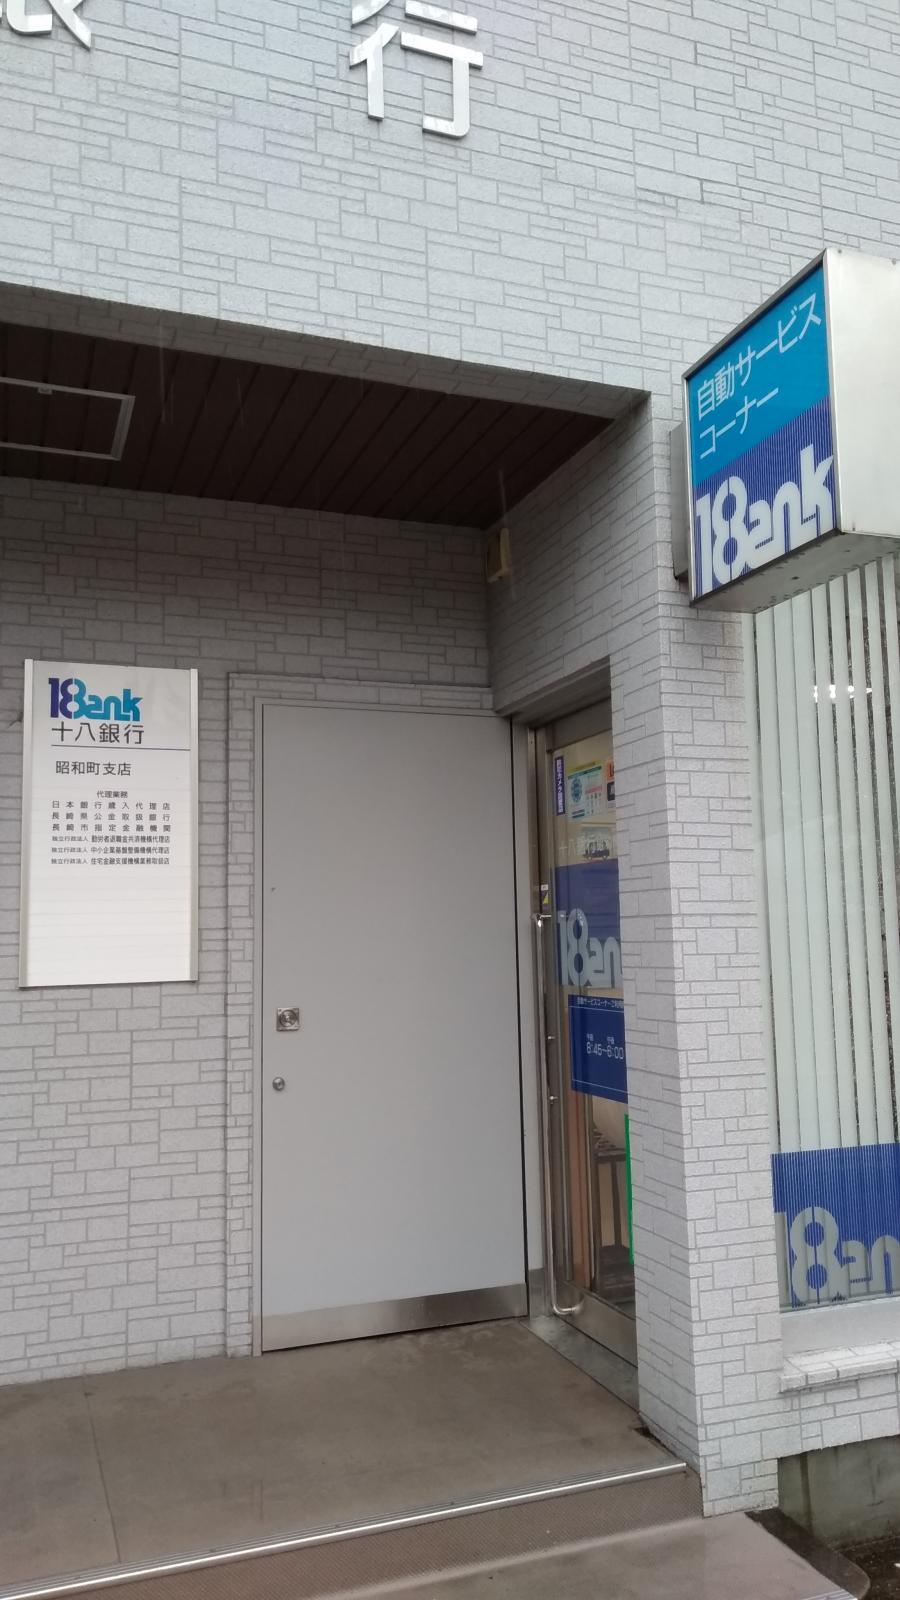 十八銀行昭和町支店_施設外観